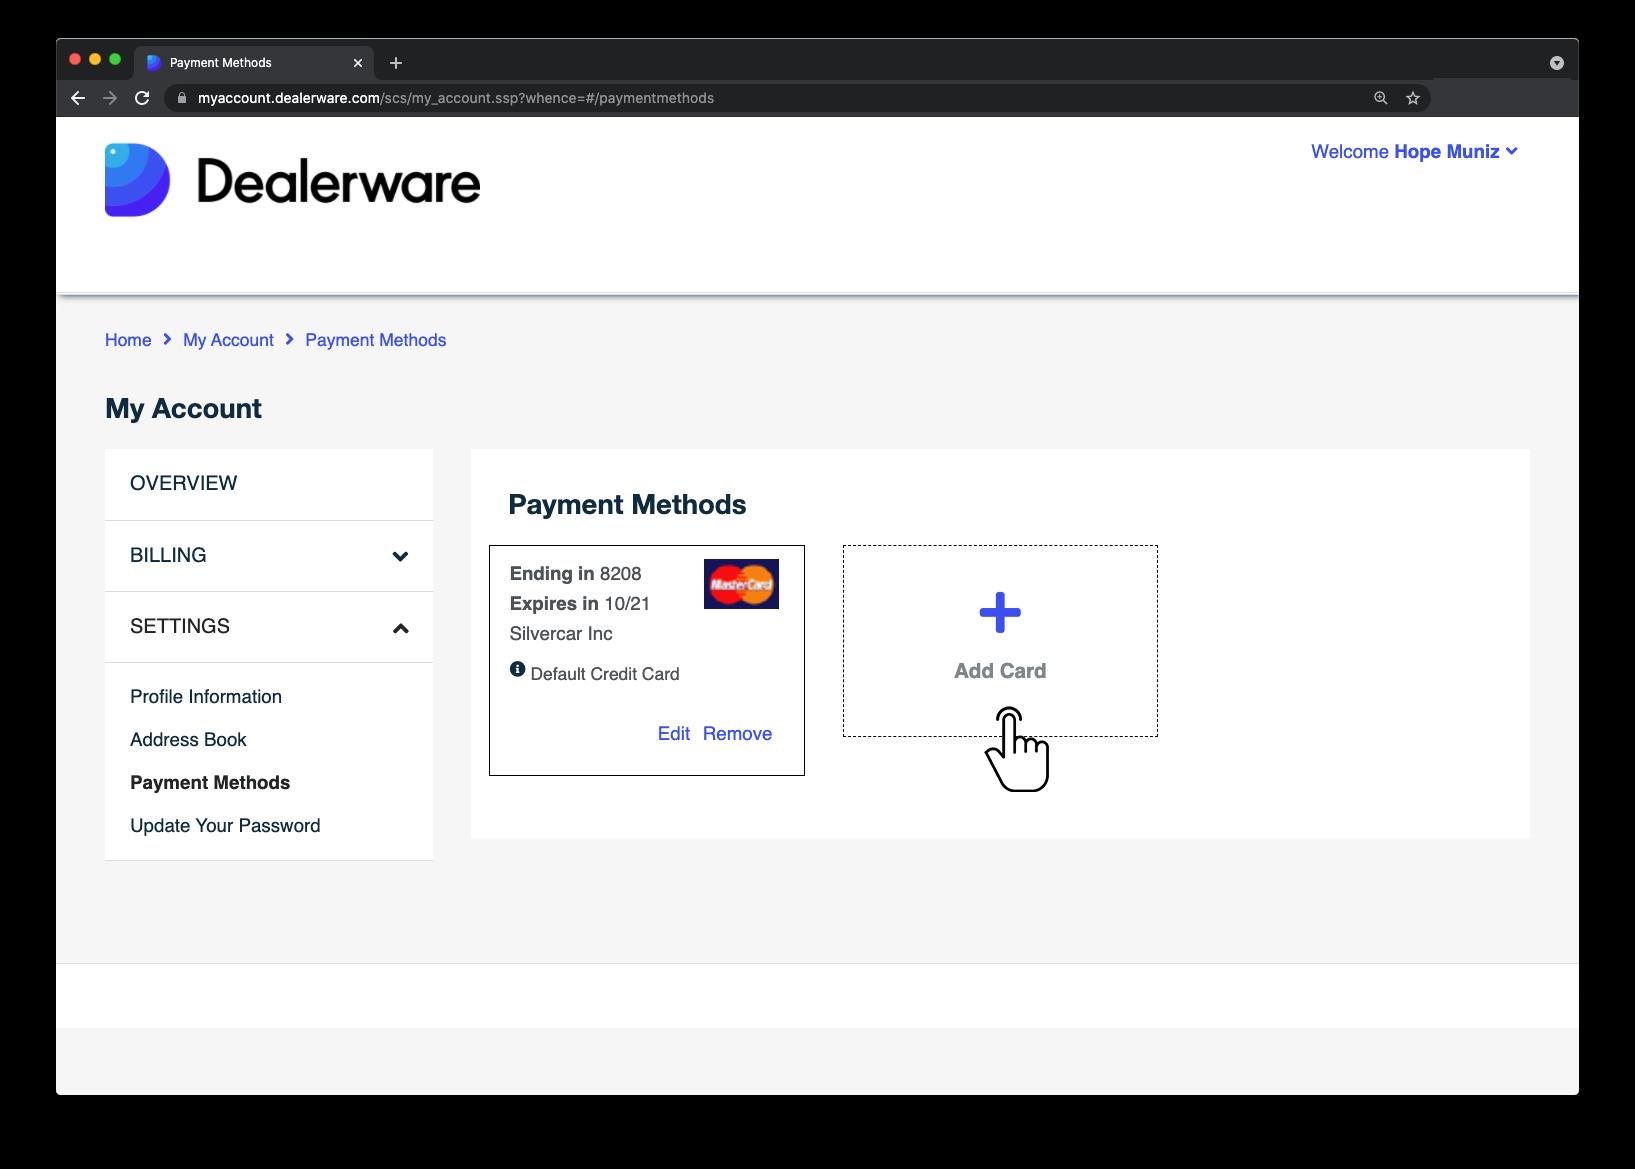 Image3: Écran MonCompte de Dealerware, icône de doigt positionnée sur la zone Ajouter une carte de l'écran Méthodes de paiement